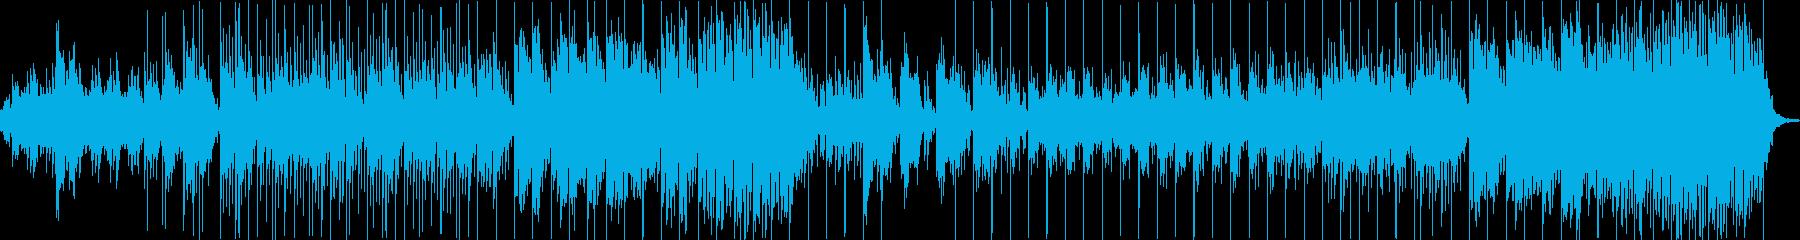 メロディの綺麗なオルゴール曲オケ伴奏付きの再生済みの波形